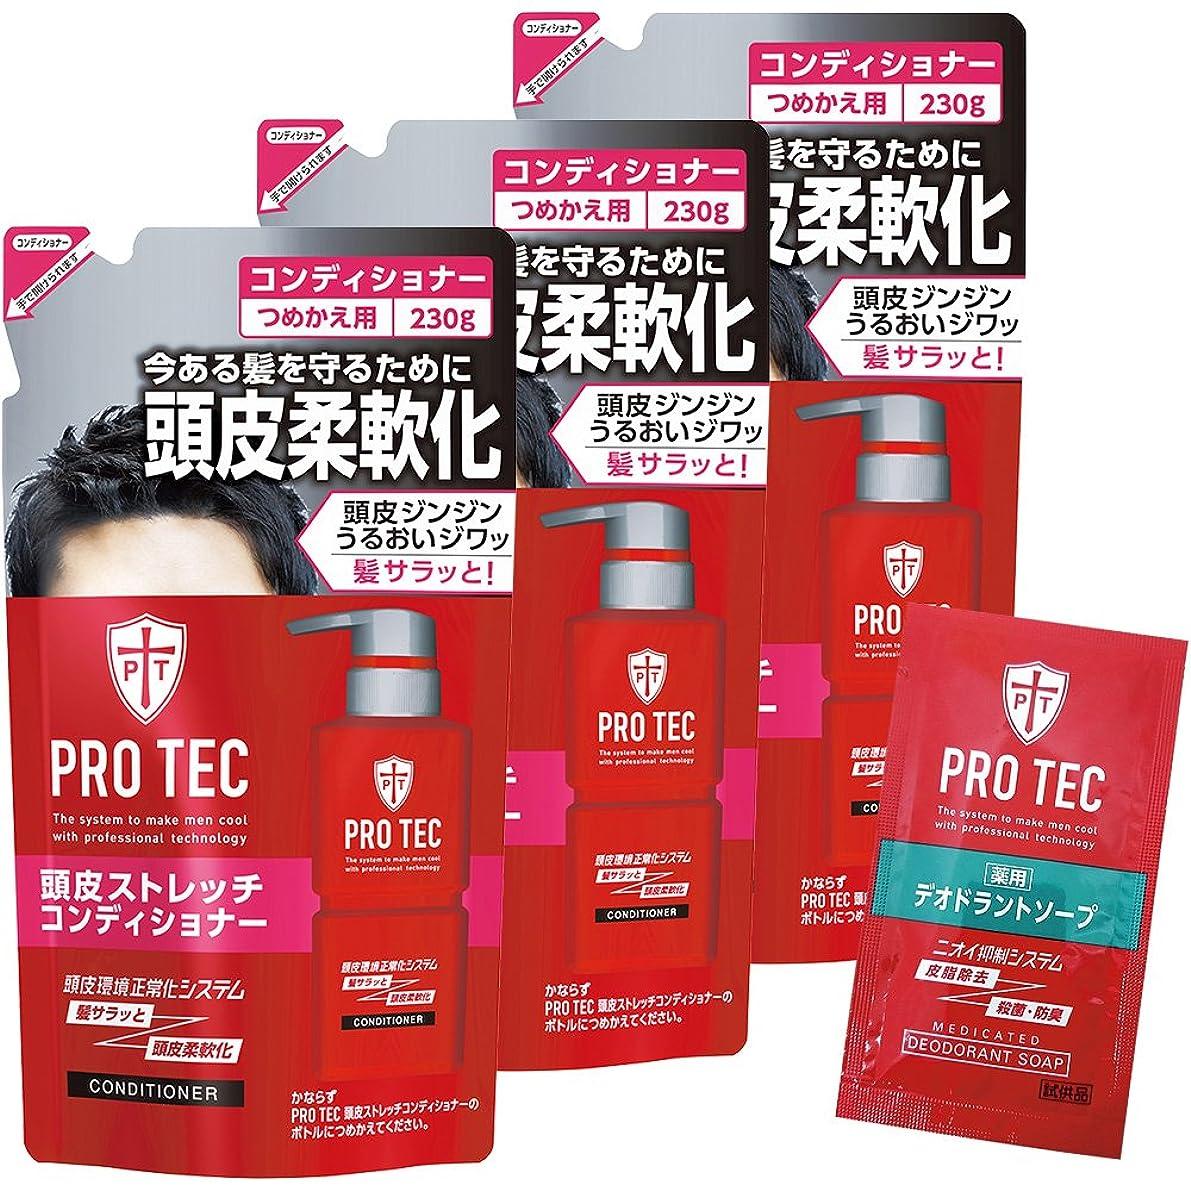 約束するに関してすなわち【Amazon.co.jp限定】PRO TEC(プロテク) 頭皮ストレッチ コンディショナー 詰め替え 230g×3個パック+デオドラントソープ1回分付(医薬部外品)